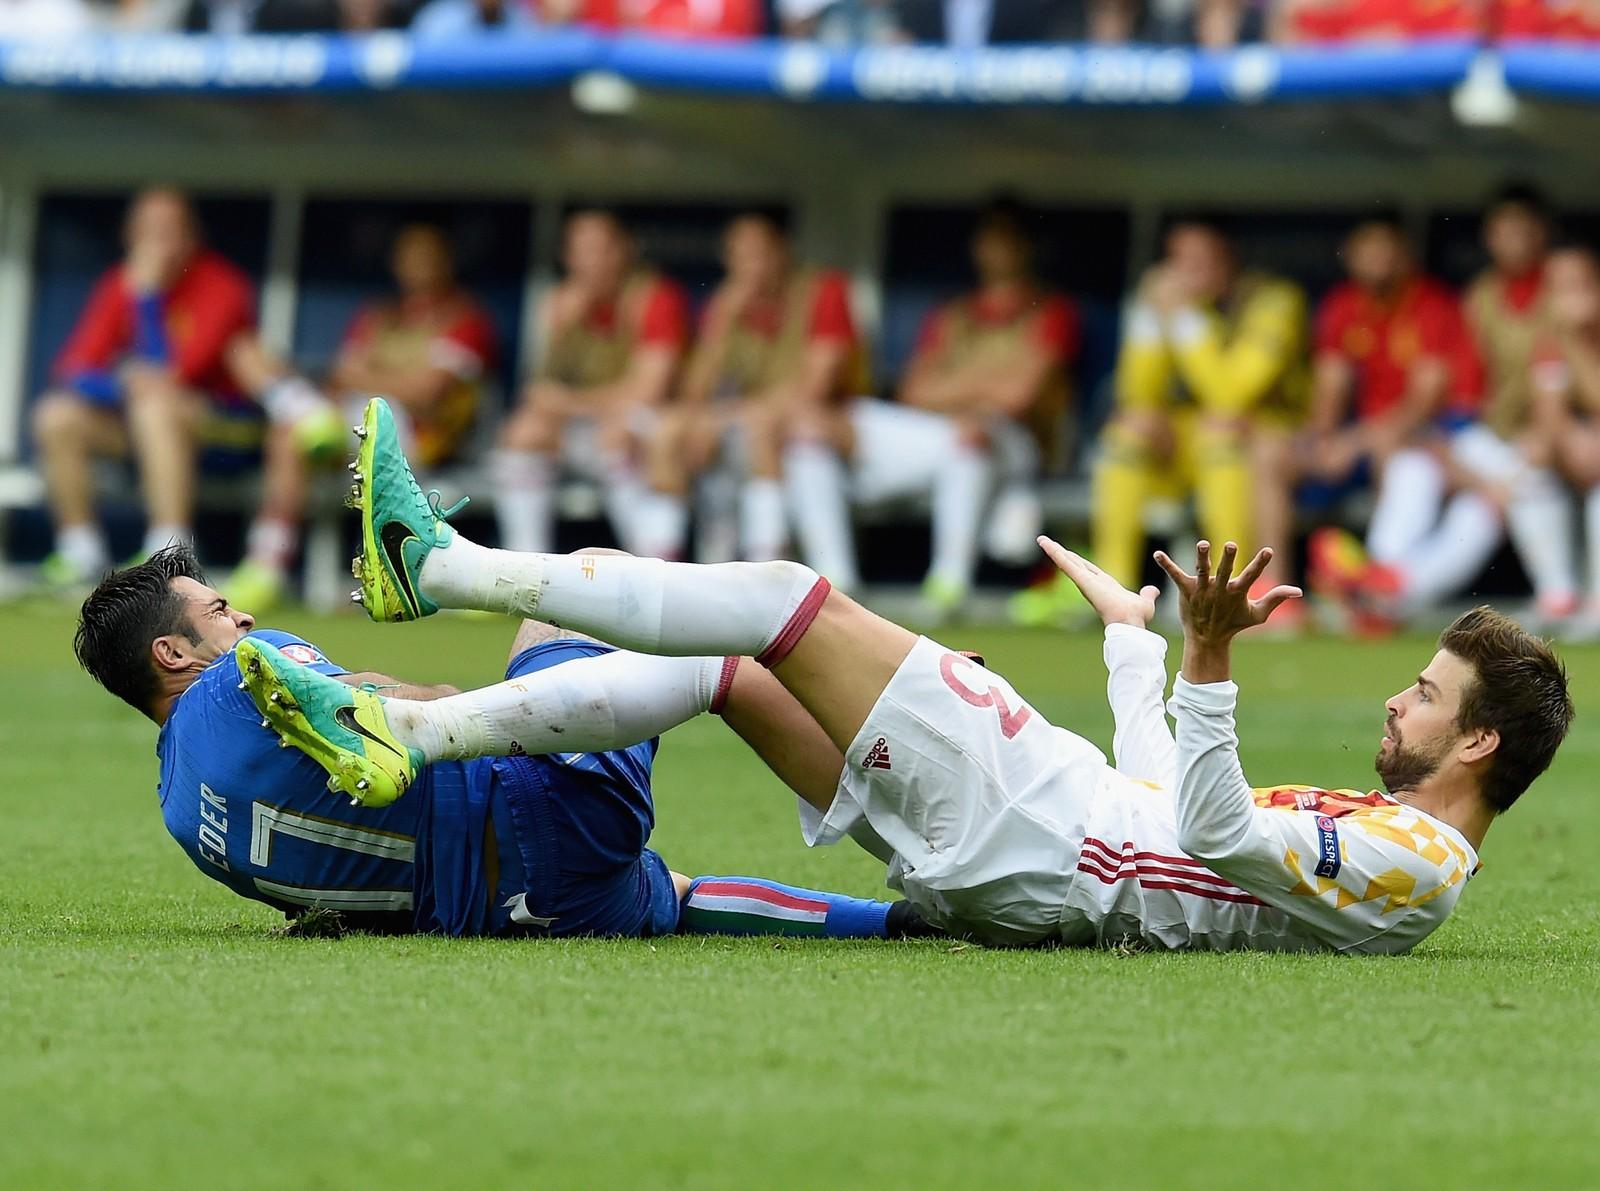 Italie, de Eder, et l'Espagne, de pique, ont un duel direct par vacance dans la Copa (photo: Getty Images)